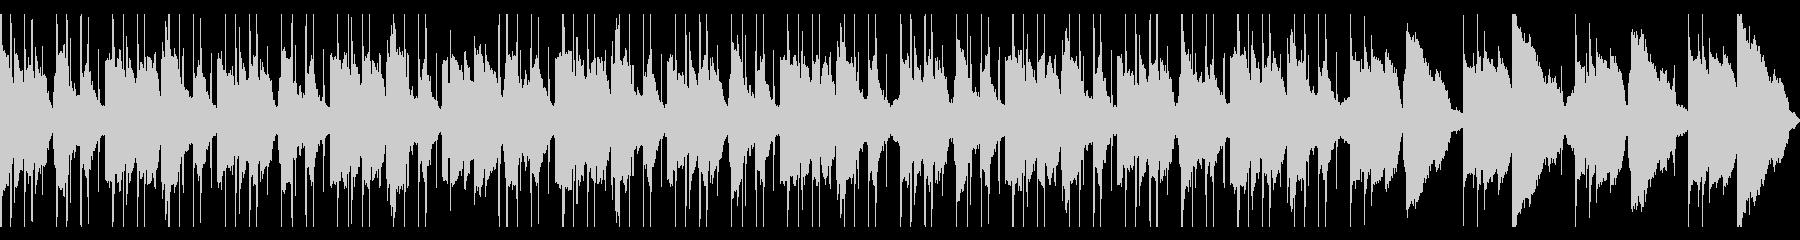 ギターLofiHiphop 切ない cの未再生の波形